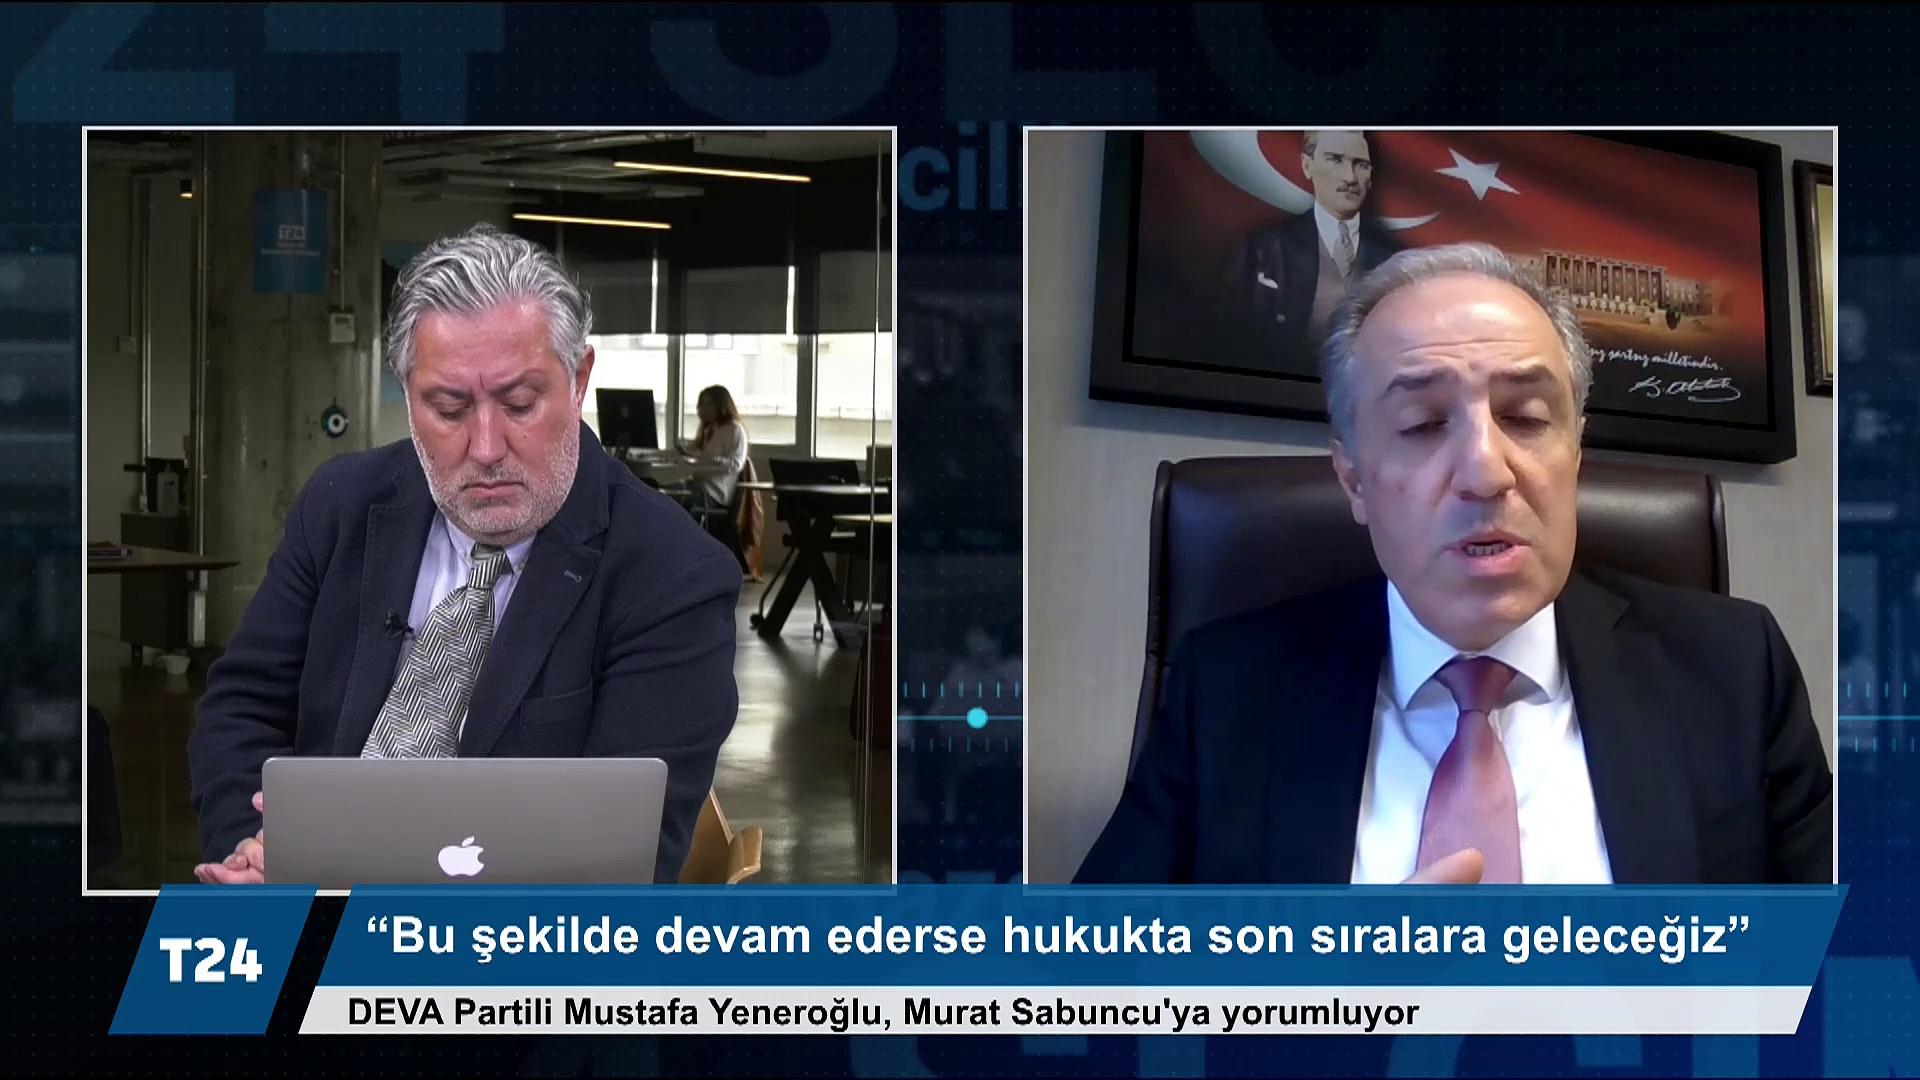 DEVA Partili Yeneroğlu: AKP milletvekili iken kayıpları sorduğum bir başsavcı, bana 'her devletin bir arka bahçesi olur' dedi